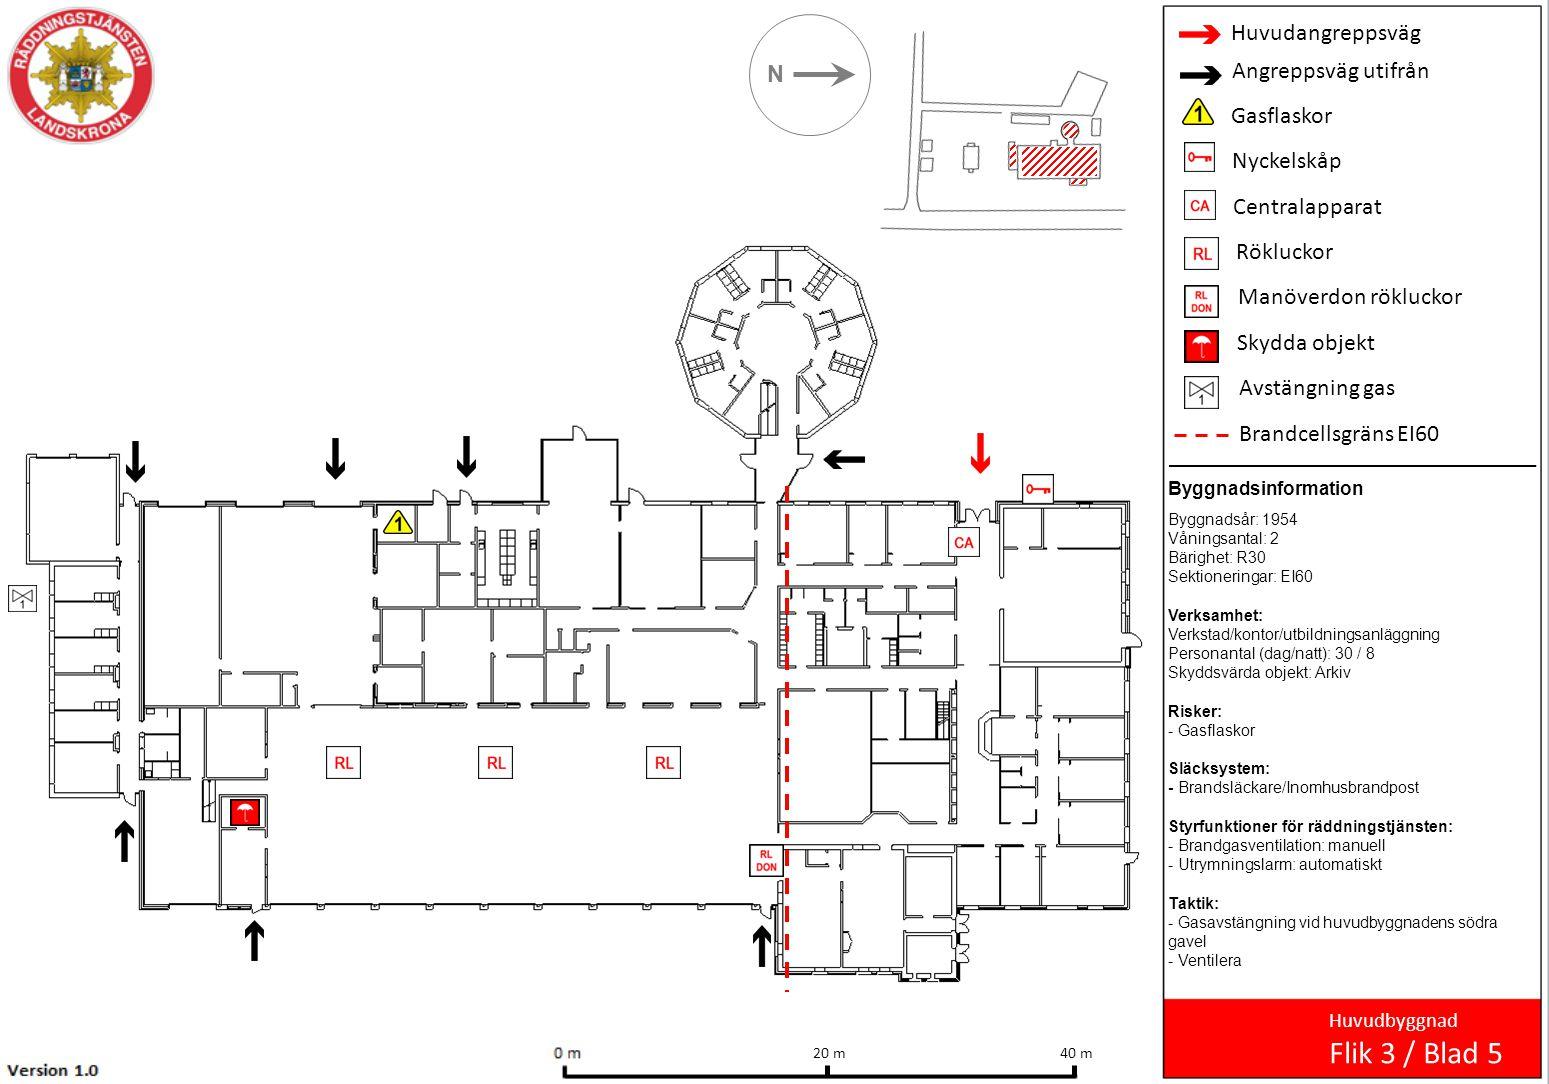 Huvudangreppsväg Angreppsväg utifrån Inomhusbrandpost Handbrandsläckare Undercentral N Övningshus, plan 0 Flik 4 / Blad 6 7 m 5 m Byggnadsinformation Byggnadsår: 1954 Våningsantal: 3 Bärighet: R30 Sektioneringar: EI60 Verksamhet: Övningar inom räddning Risker: - Komplicerade utrymmen Släcksystem: - Brandsläckare/Inomhusbrandpost